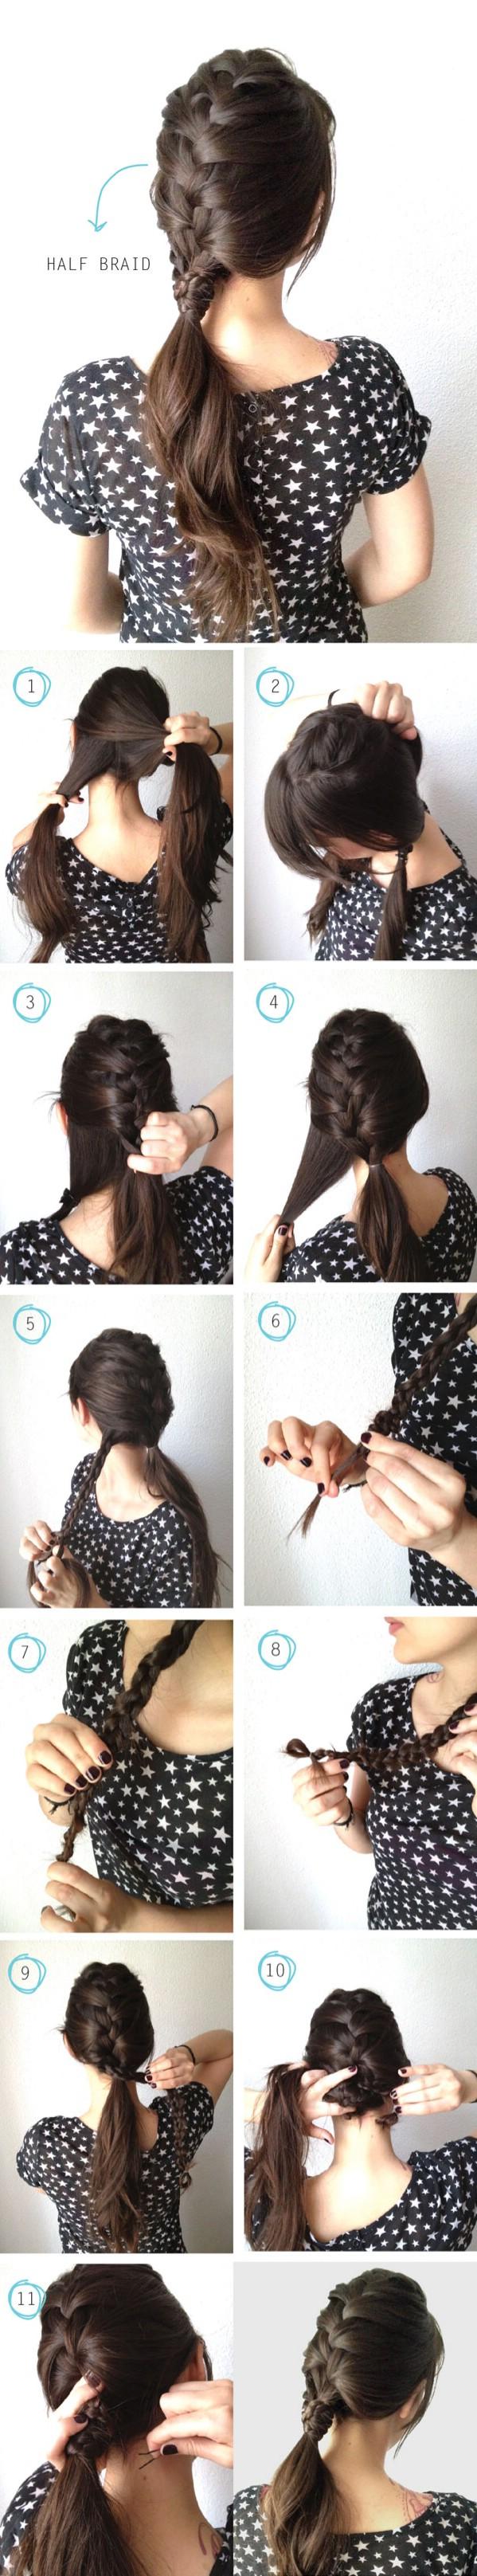 French half braid with braided wrap